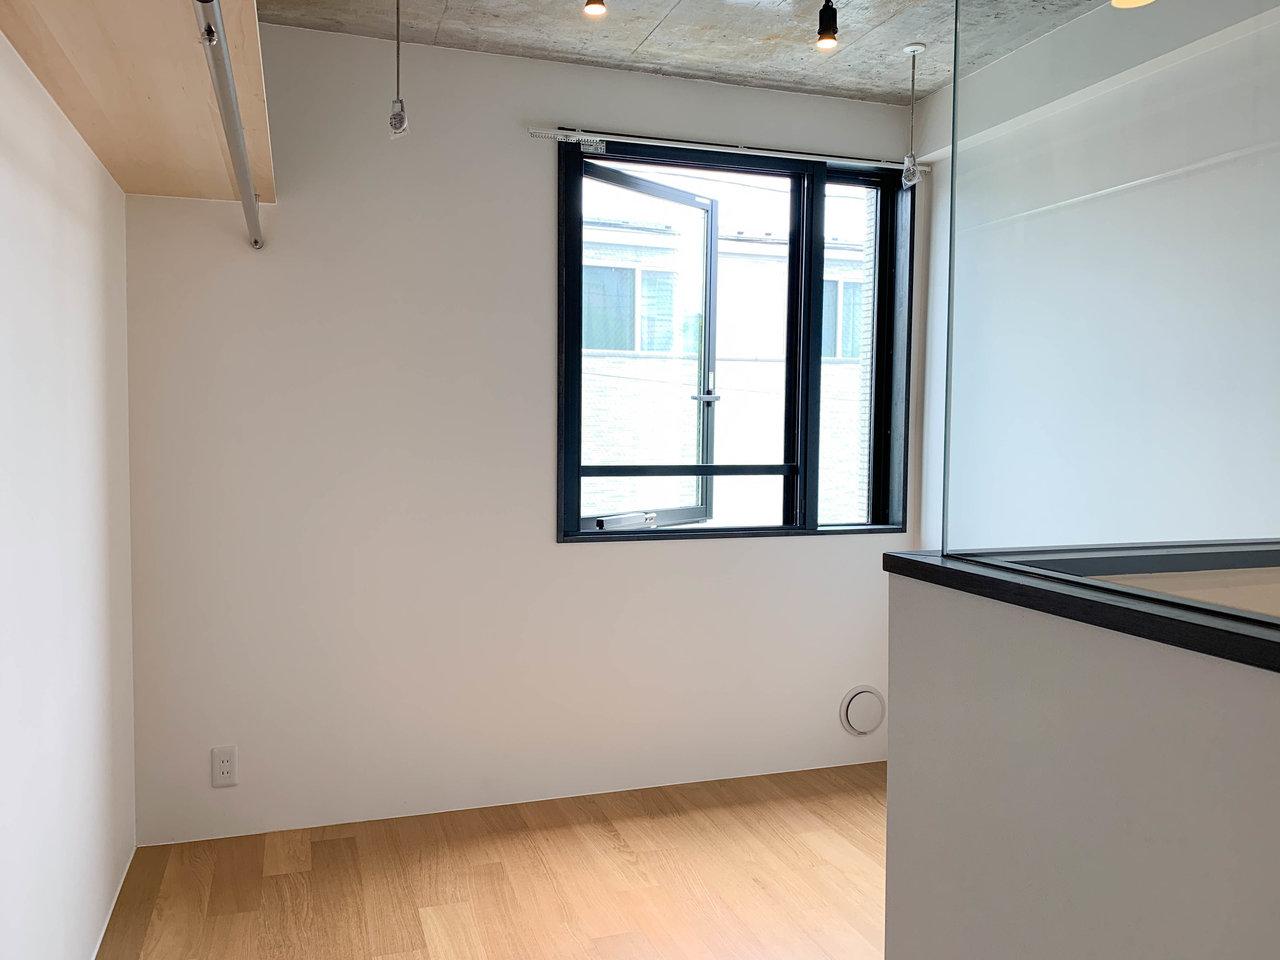 ややコンパクトめな室内なので、ソファーベッドや折り畳みのテーブルなど工夫して使いたいですね。